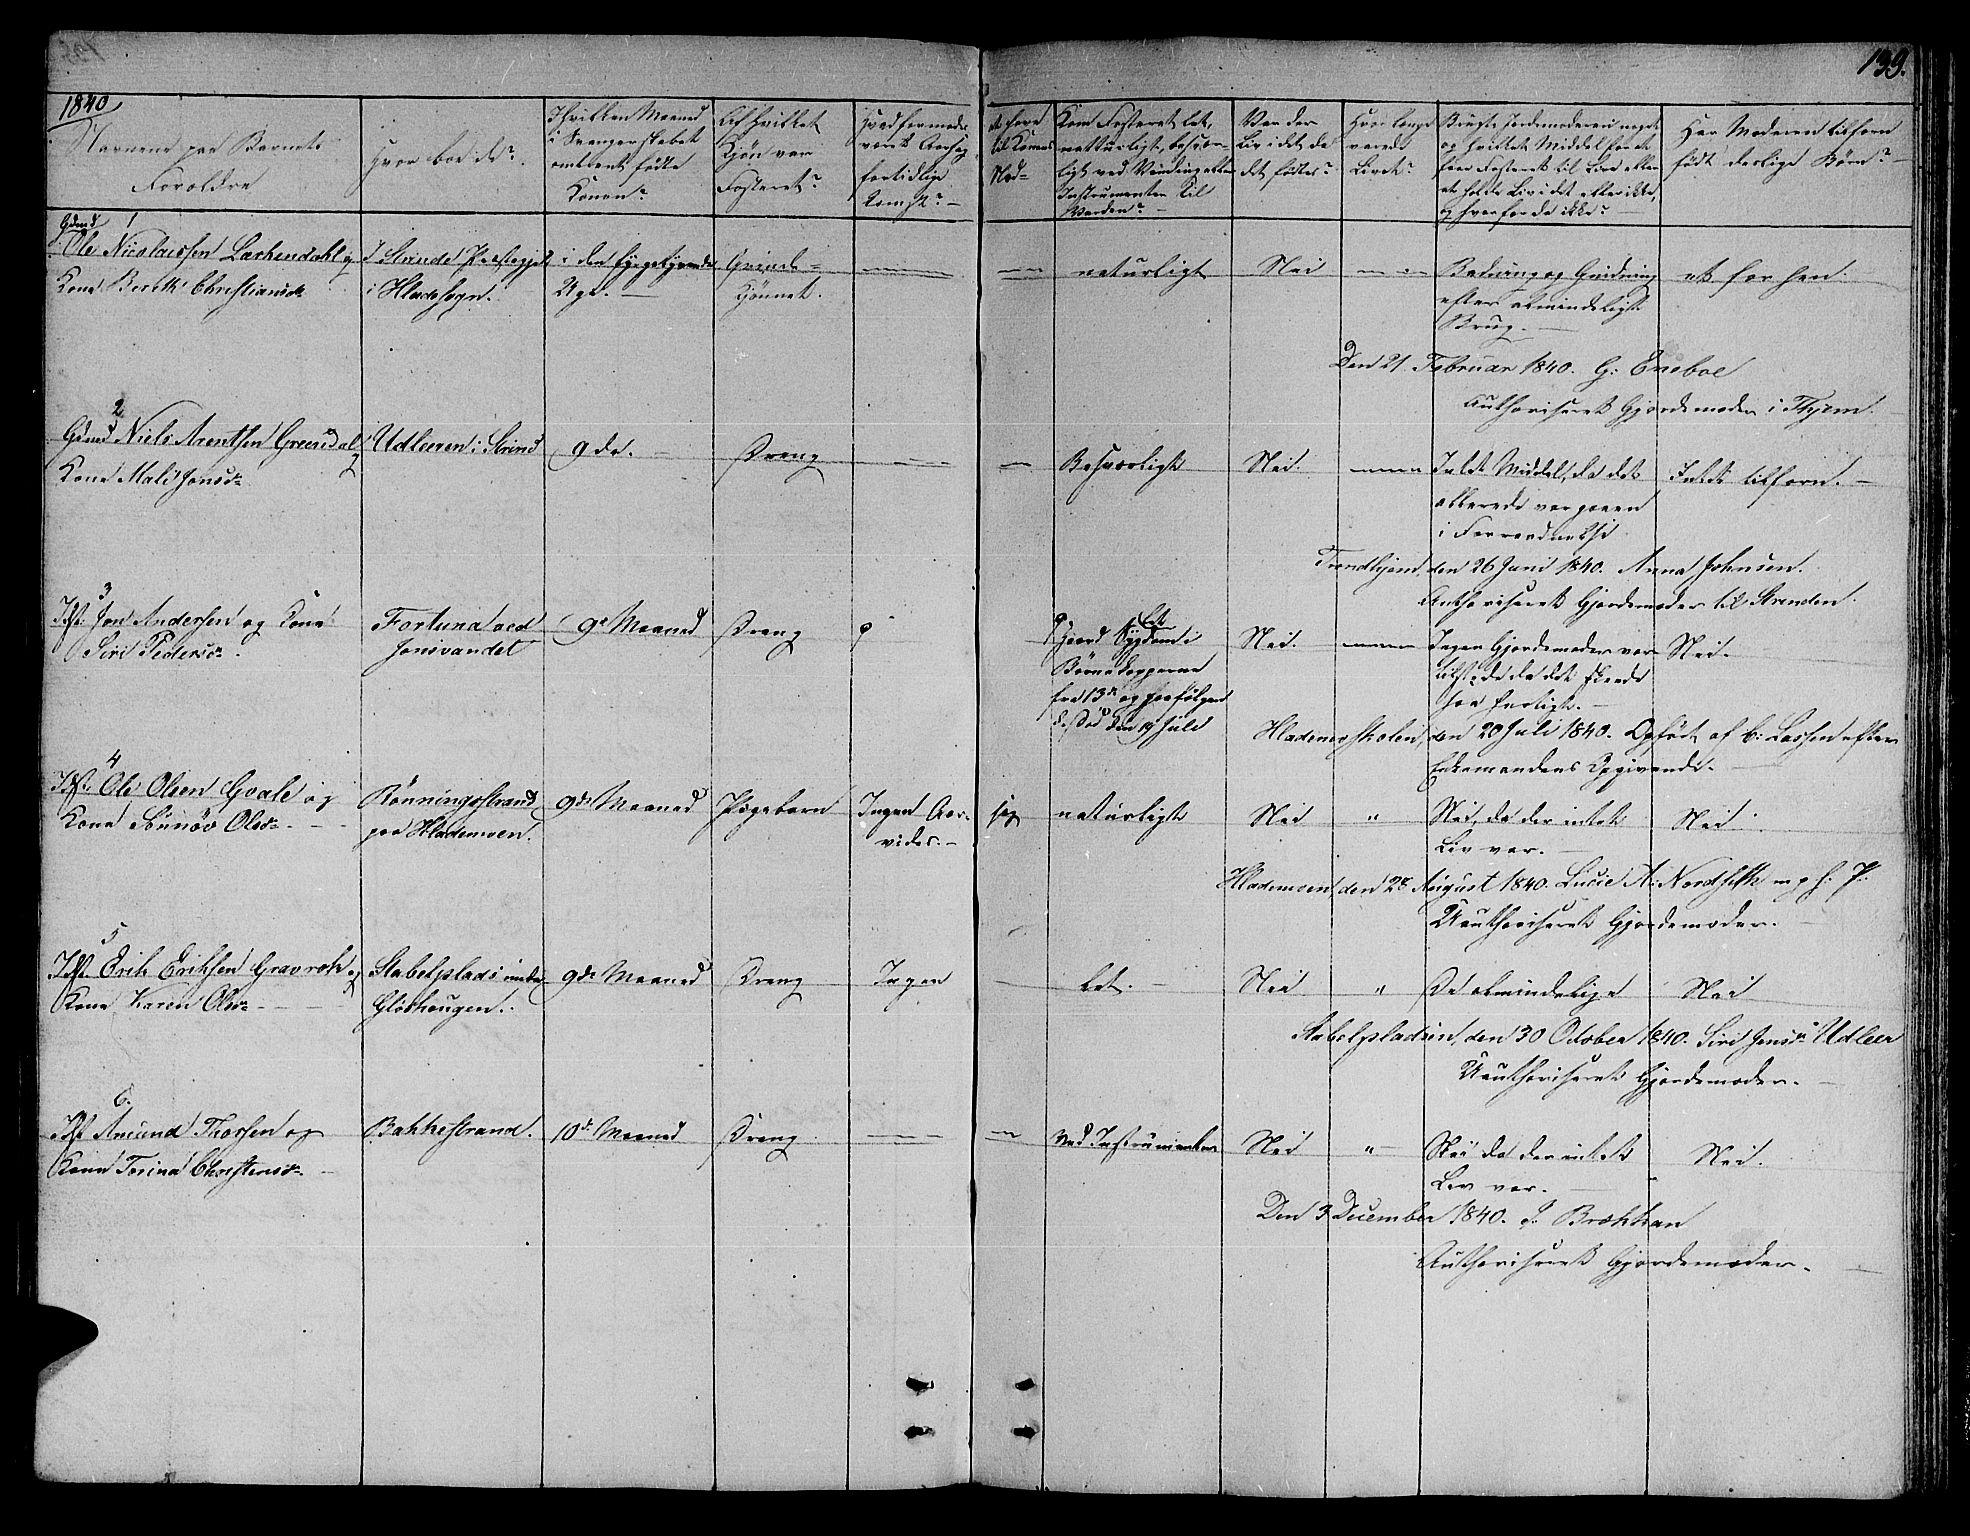 SAT, Ministerialprotokoller, klokkerbøker og fødselsregistre - Sør-Trøndelag, 606/L0308: Klokkerbok nr. 606C04, 1829-1840, s. 139